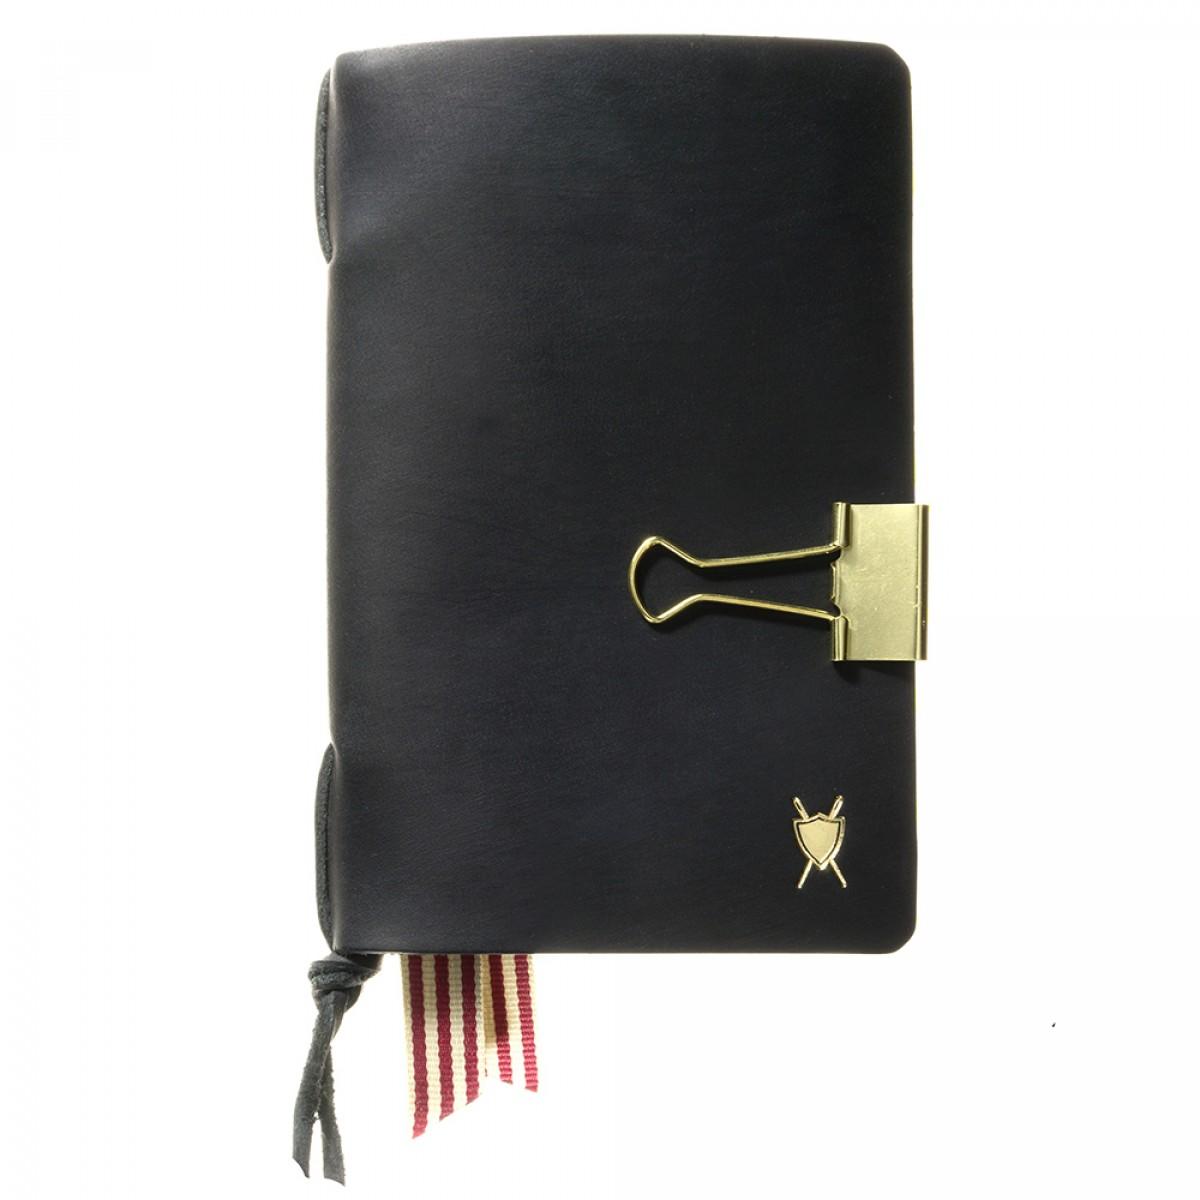 LIEBHARDT - Tagebuch / Notizbuch Wechsel-Cover aus Leder (DIN A6, schwarz, geeignet für Moleskine Hefte)